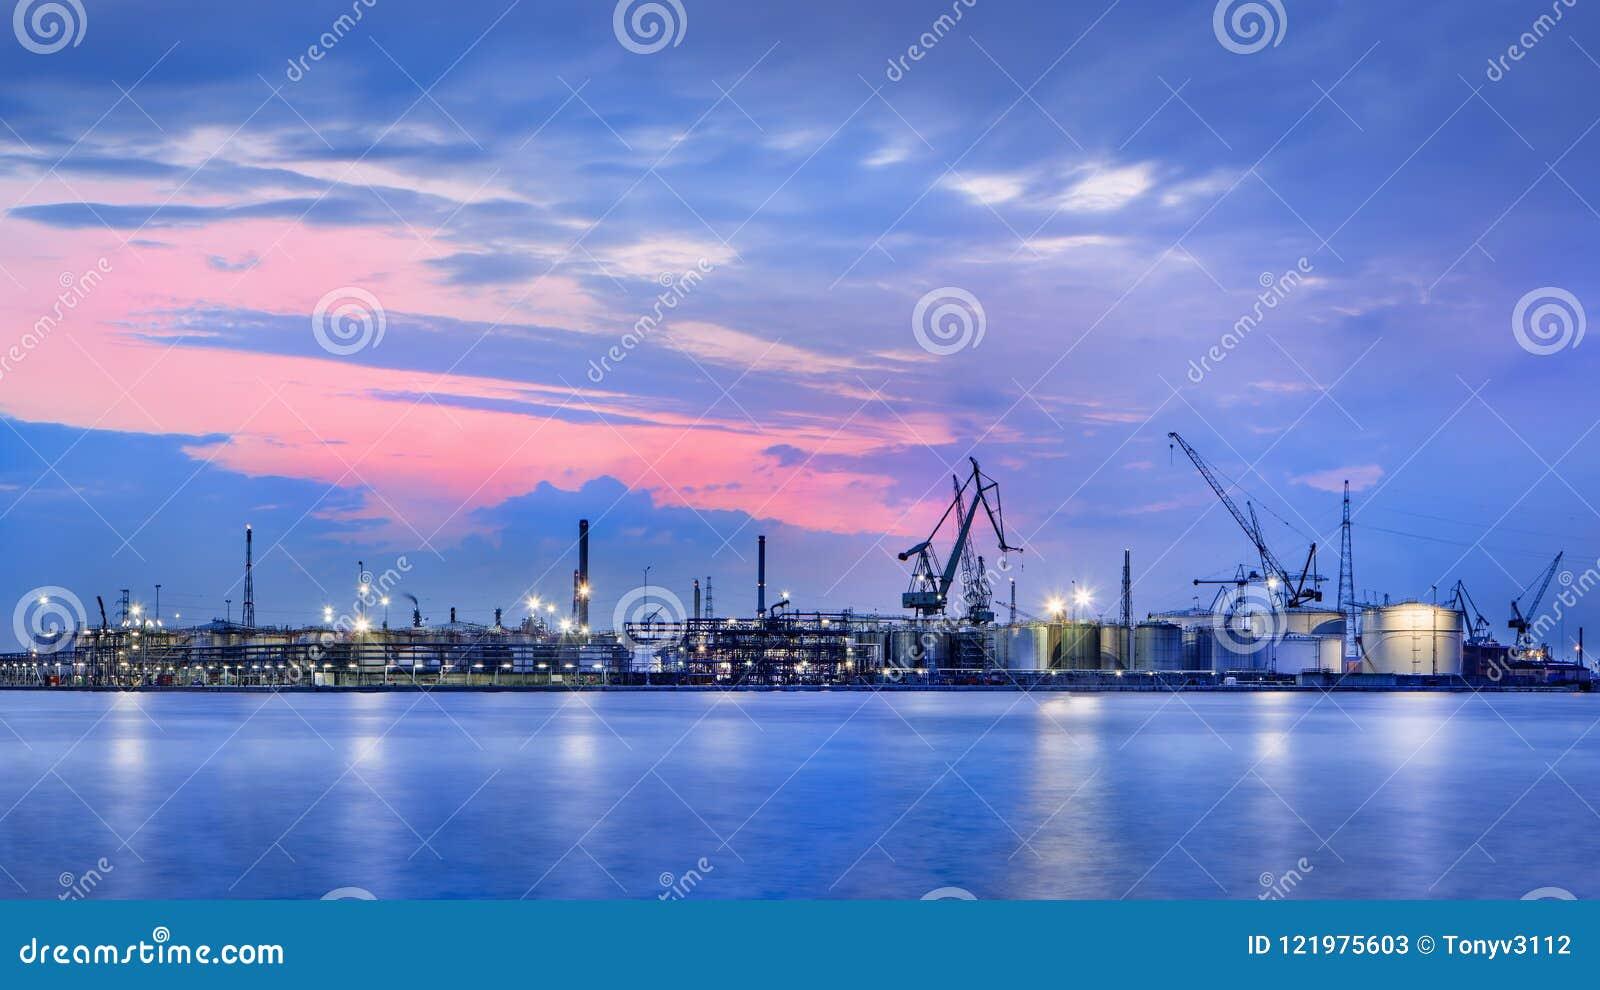 Panorama van een petrochemische productie-installatie tegen een dramatische gekleurde hemel bij schemering, Haven van Antwerpen,